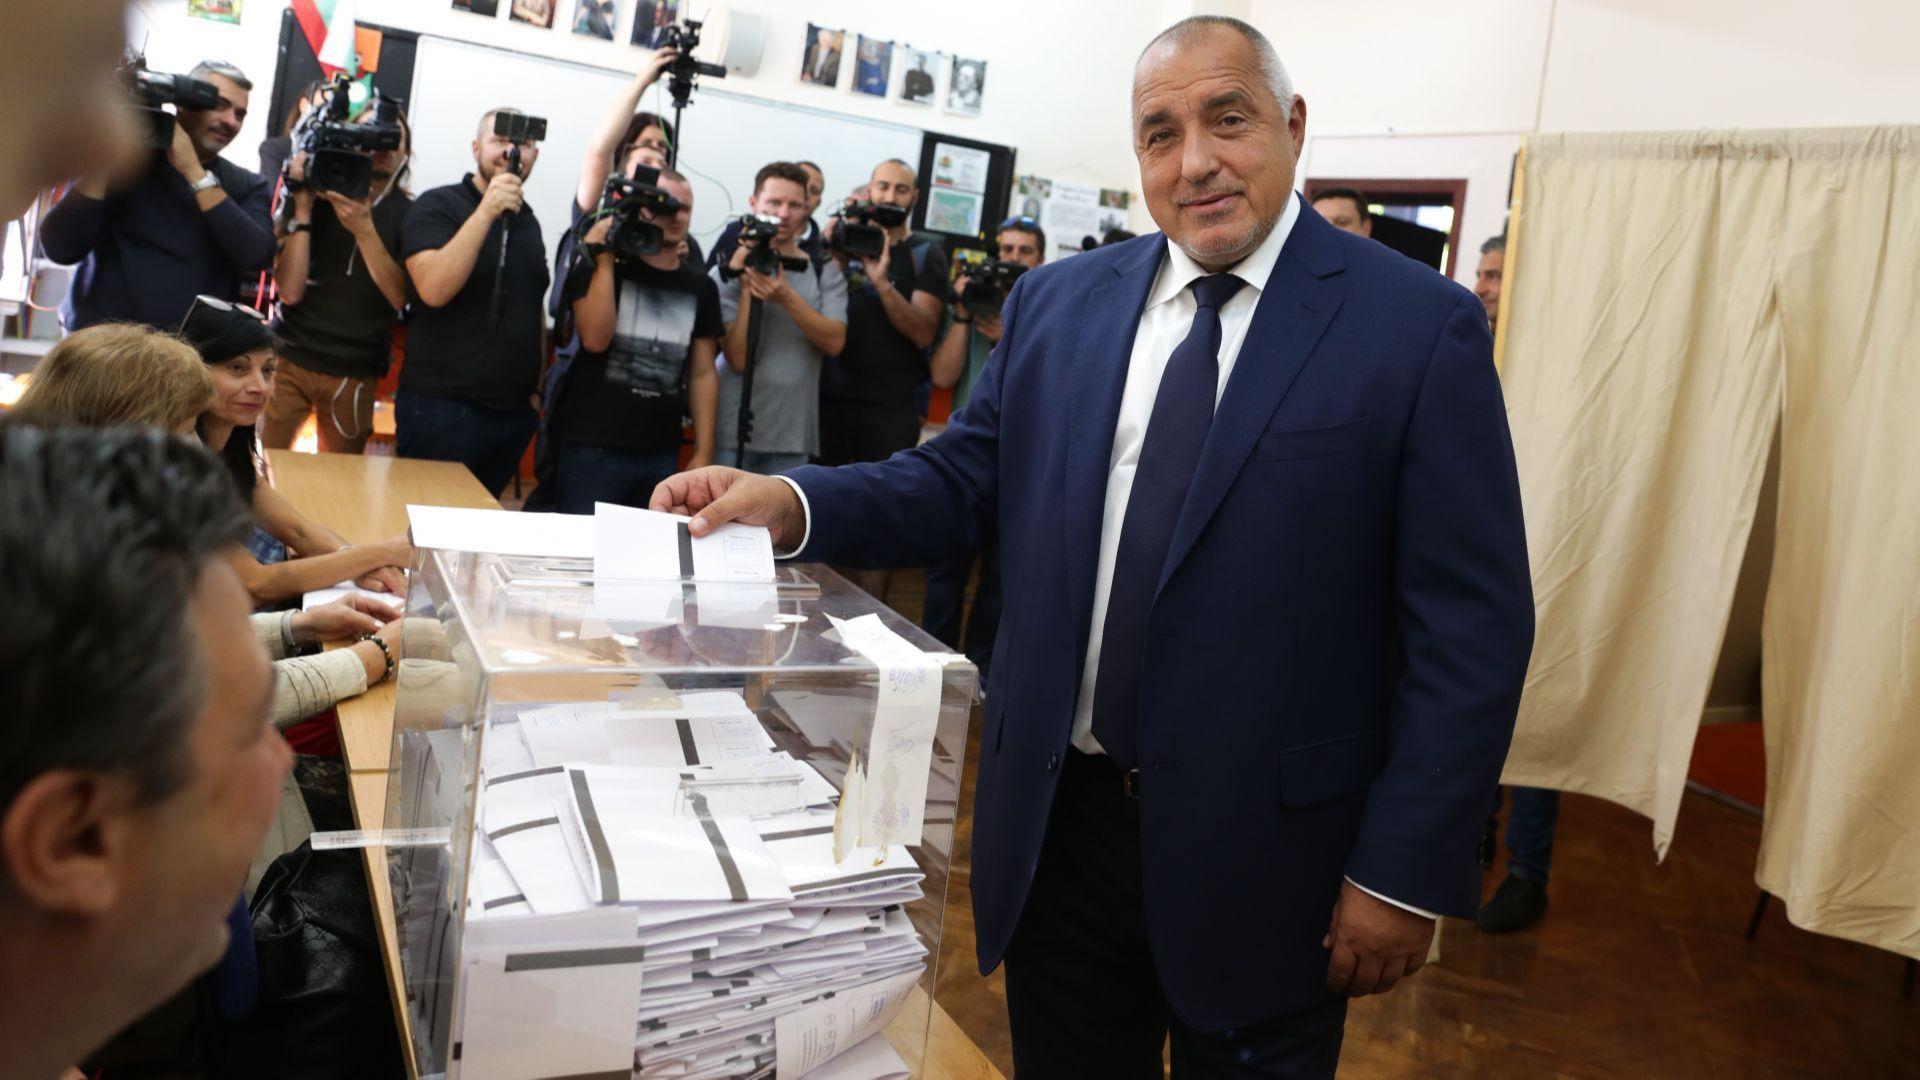 Борисов обвини президента, че говори неистини и извършва пряка агитация